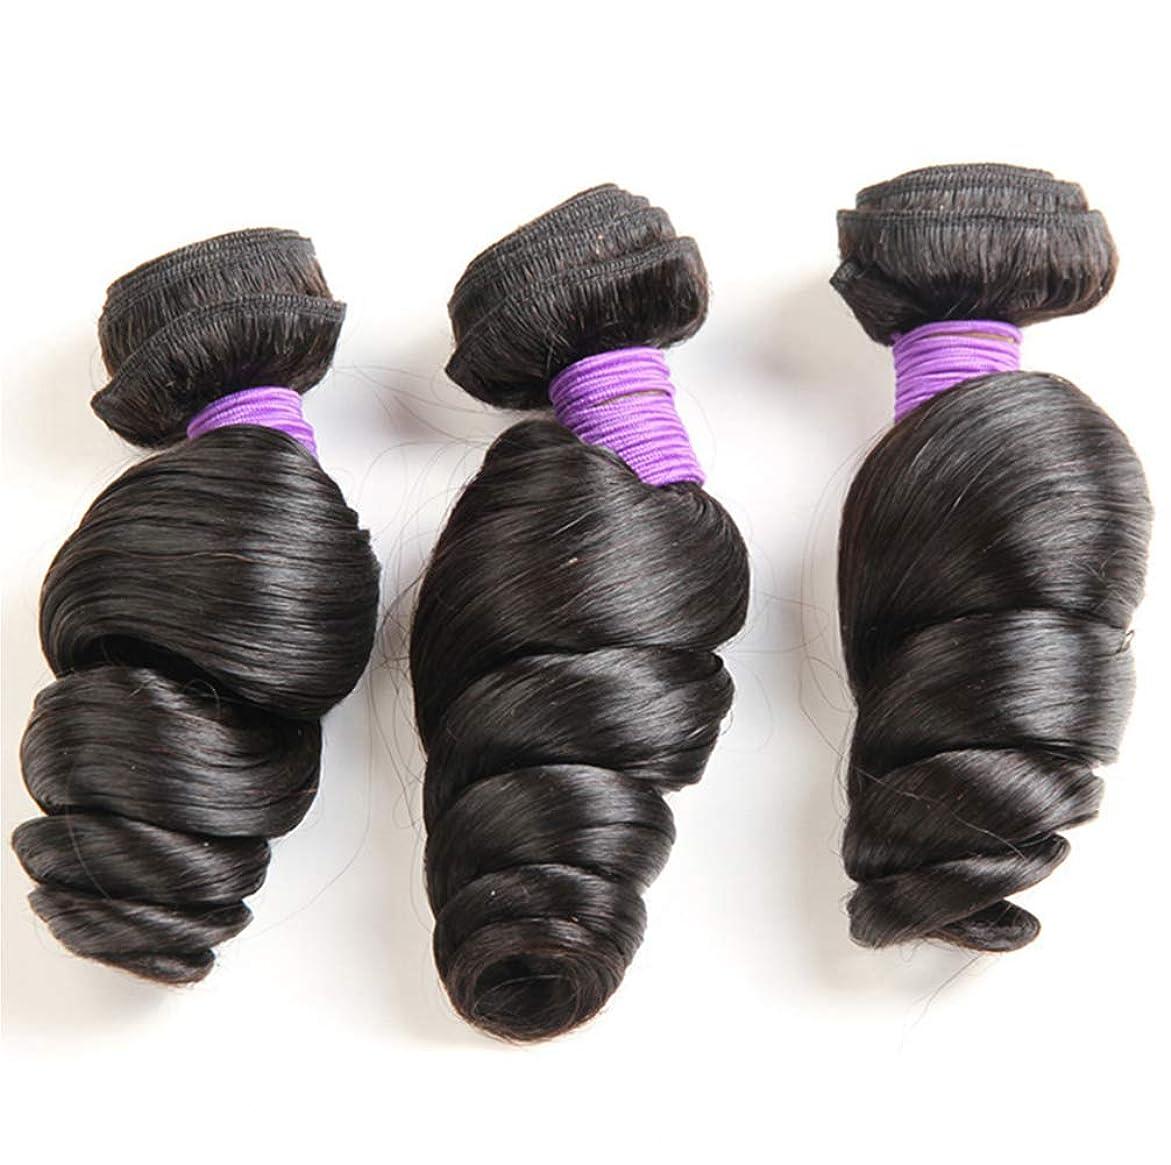 遊びます振り向くグラフィック女性ブラジルボディウェーブ束未処理バージンレミー本物の人間の髪の毛延長織り横糸(3バンドル)